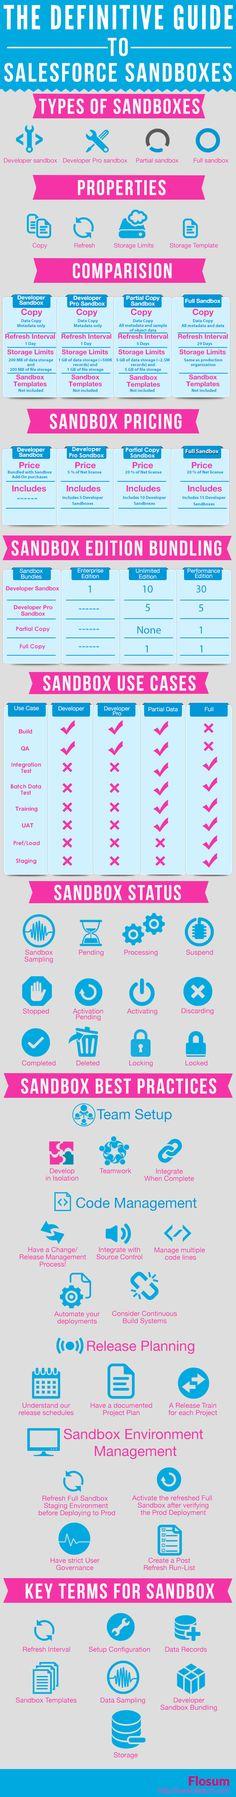 Salesforce sandboxes